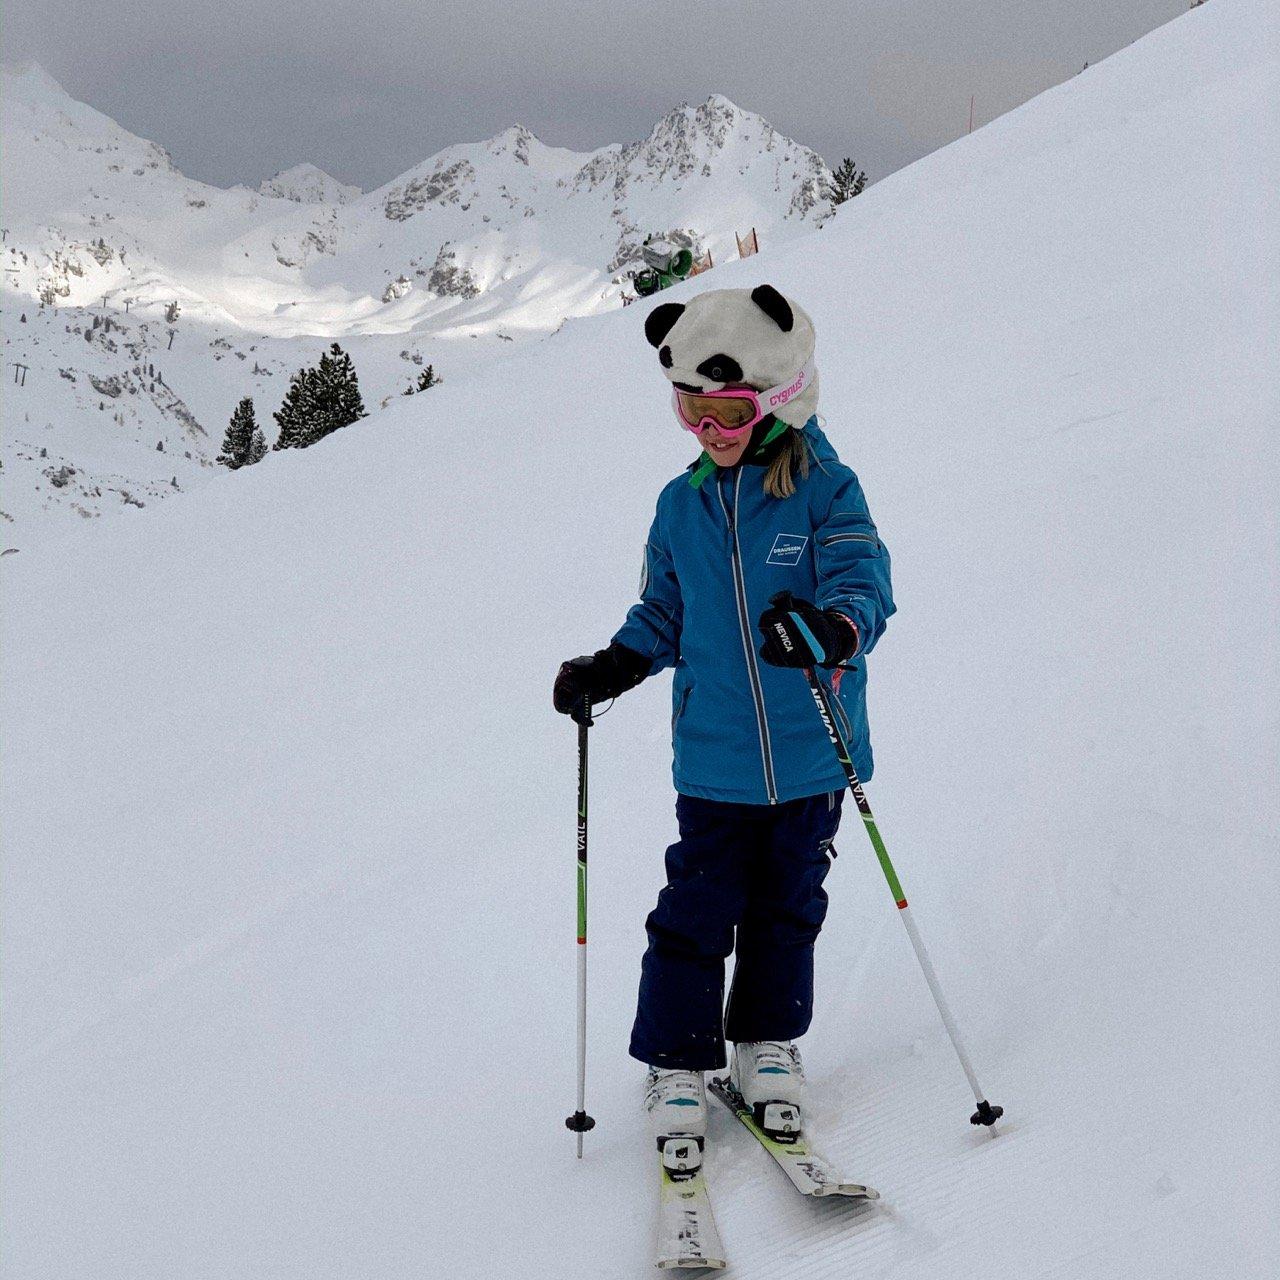 Obertauern First Track Almdudler MamaWahnsinn